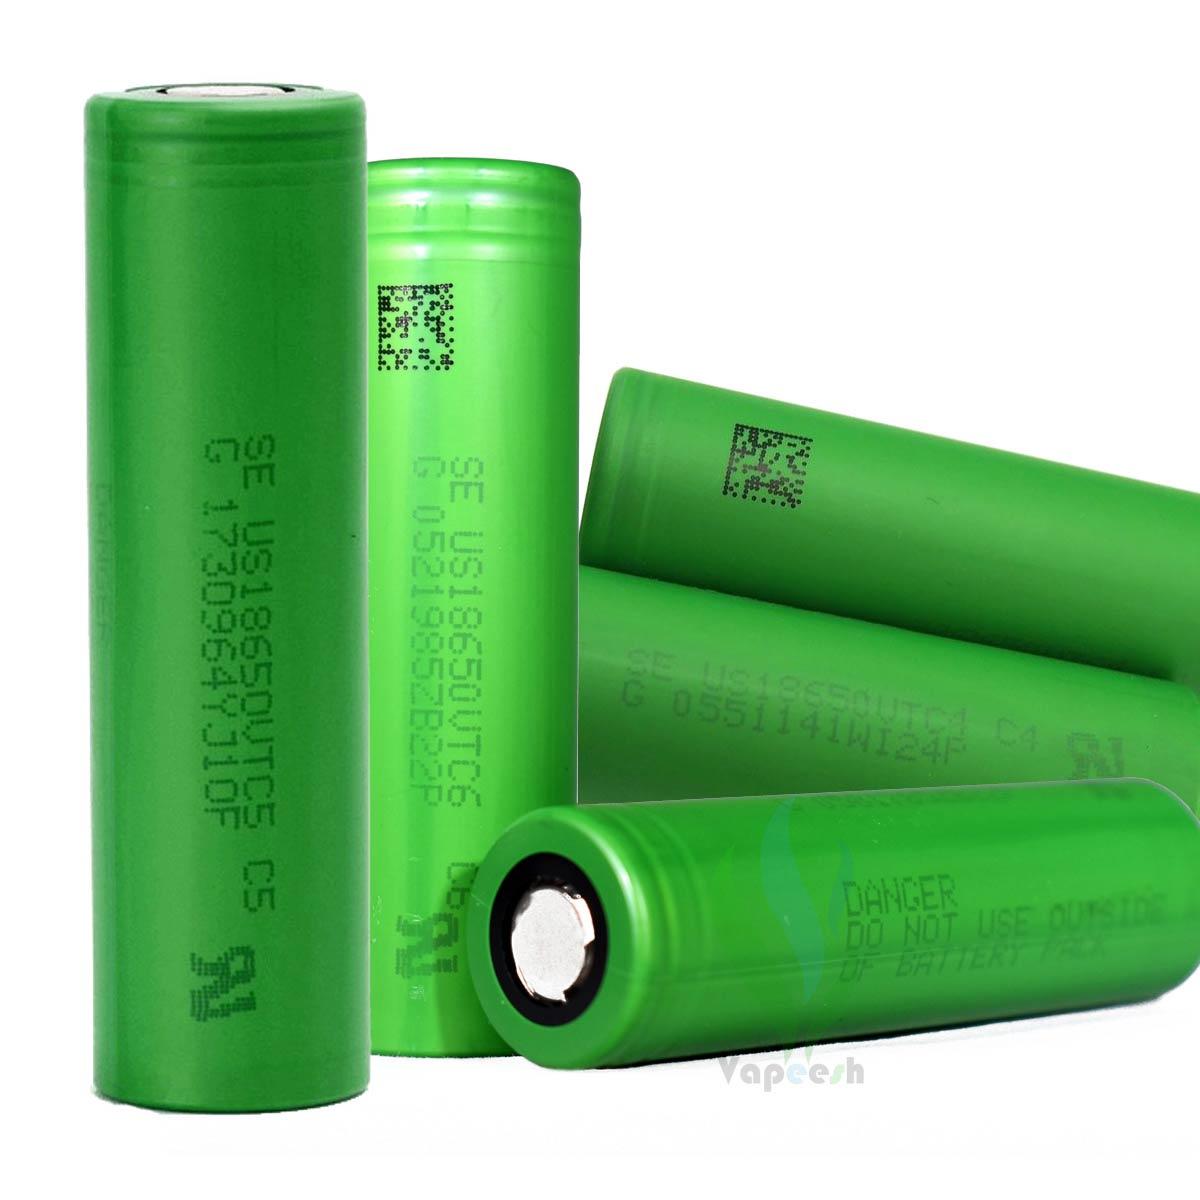 Sony Battery 18650 VTC4, VTC5, & VTC6